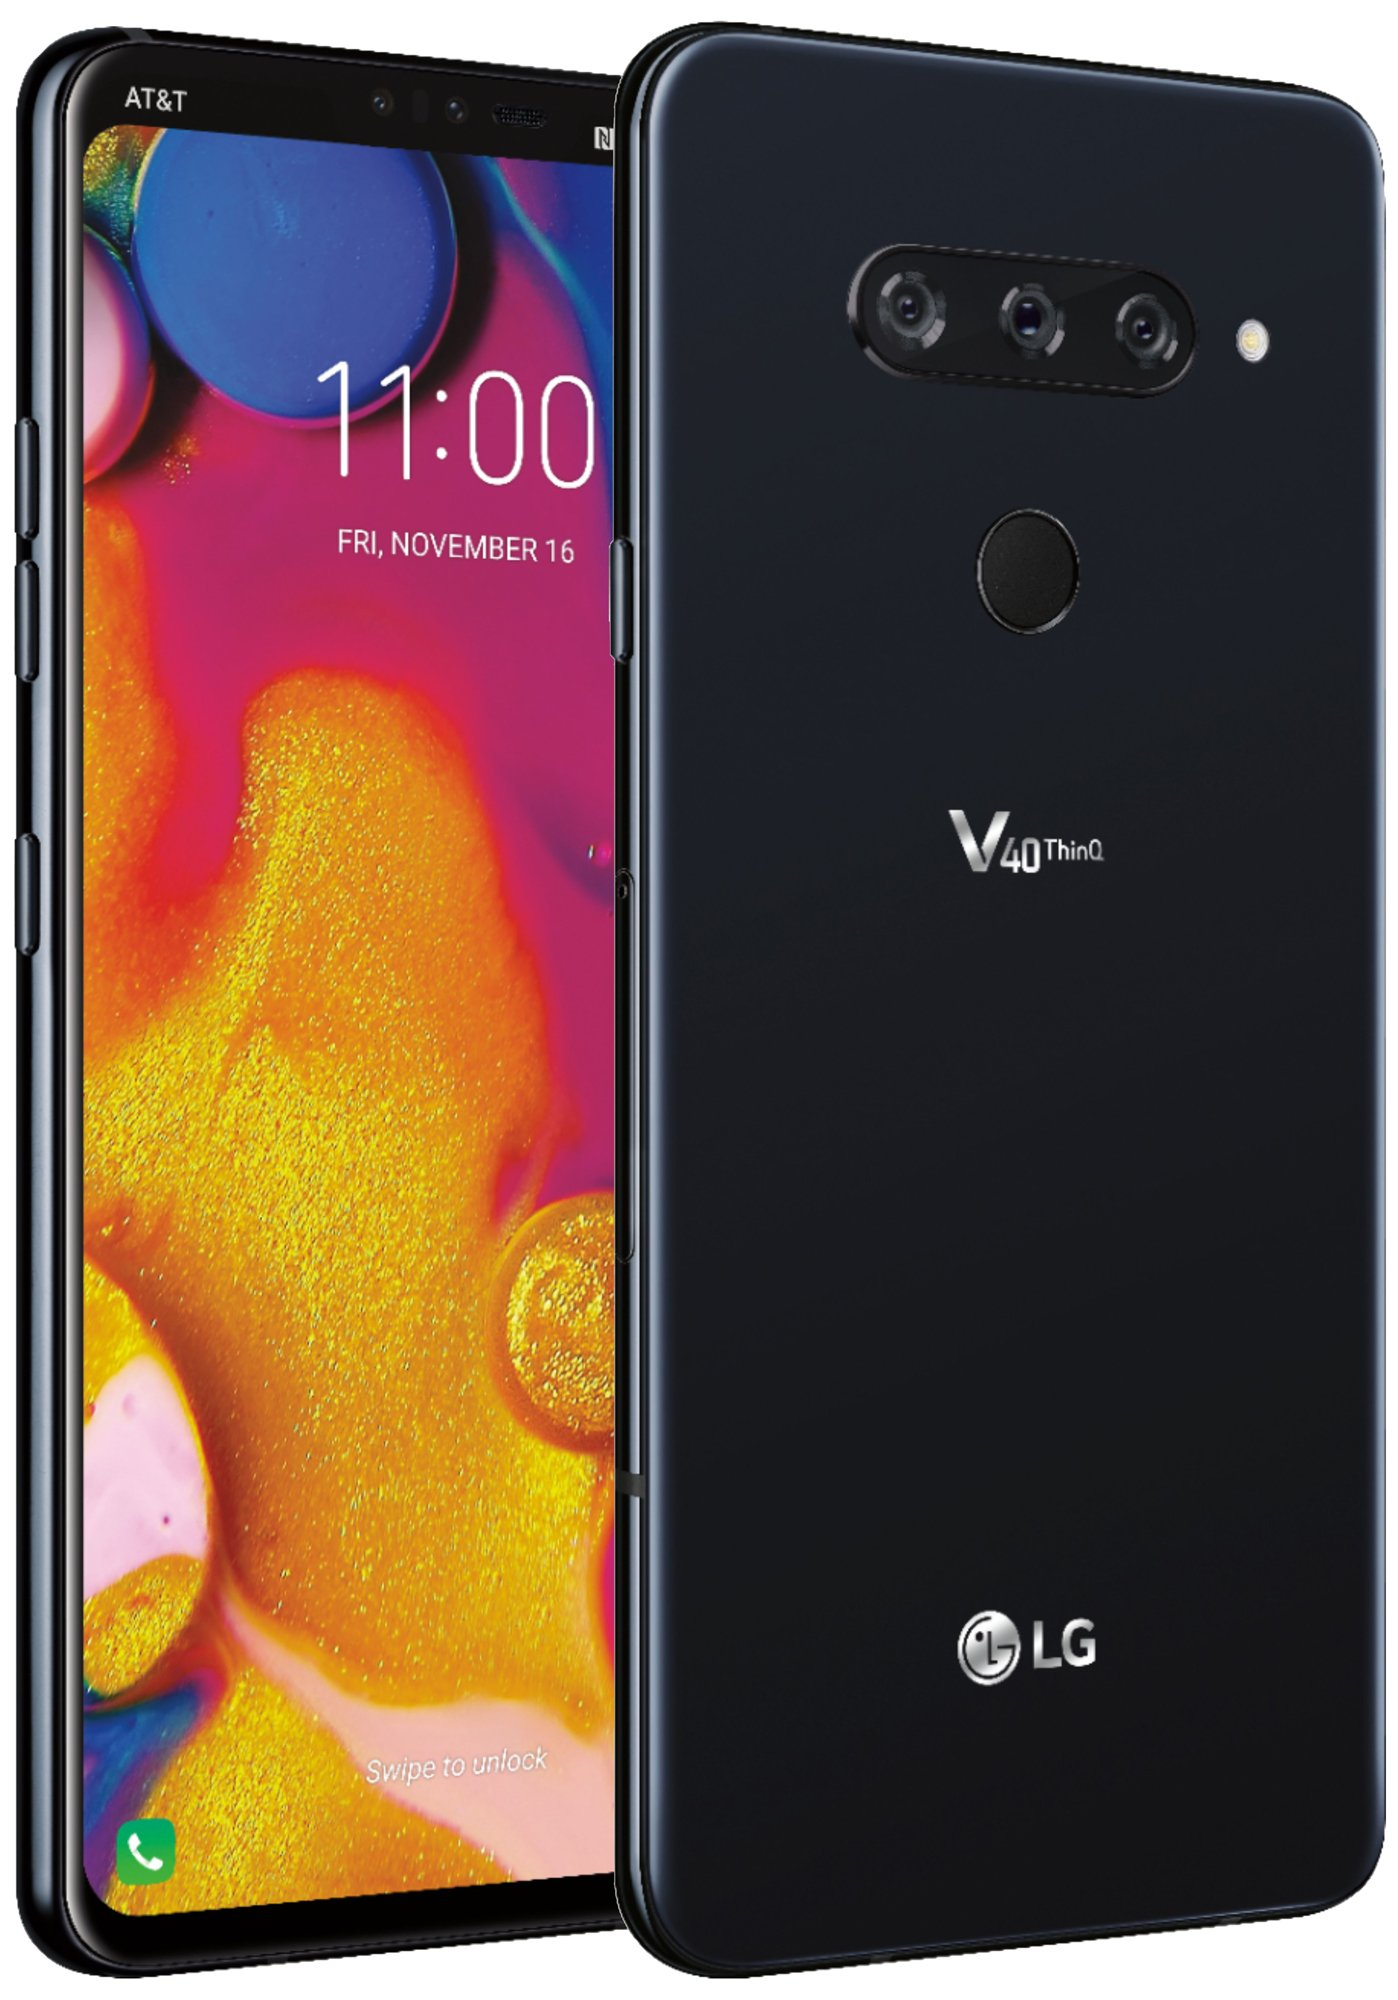 Двустранно изображение на рекламен плакат на LG V40 ThinQ с тройна камера